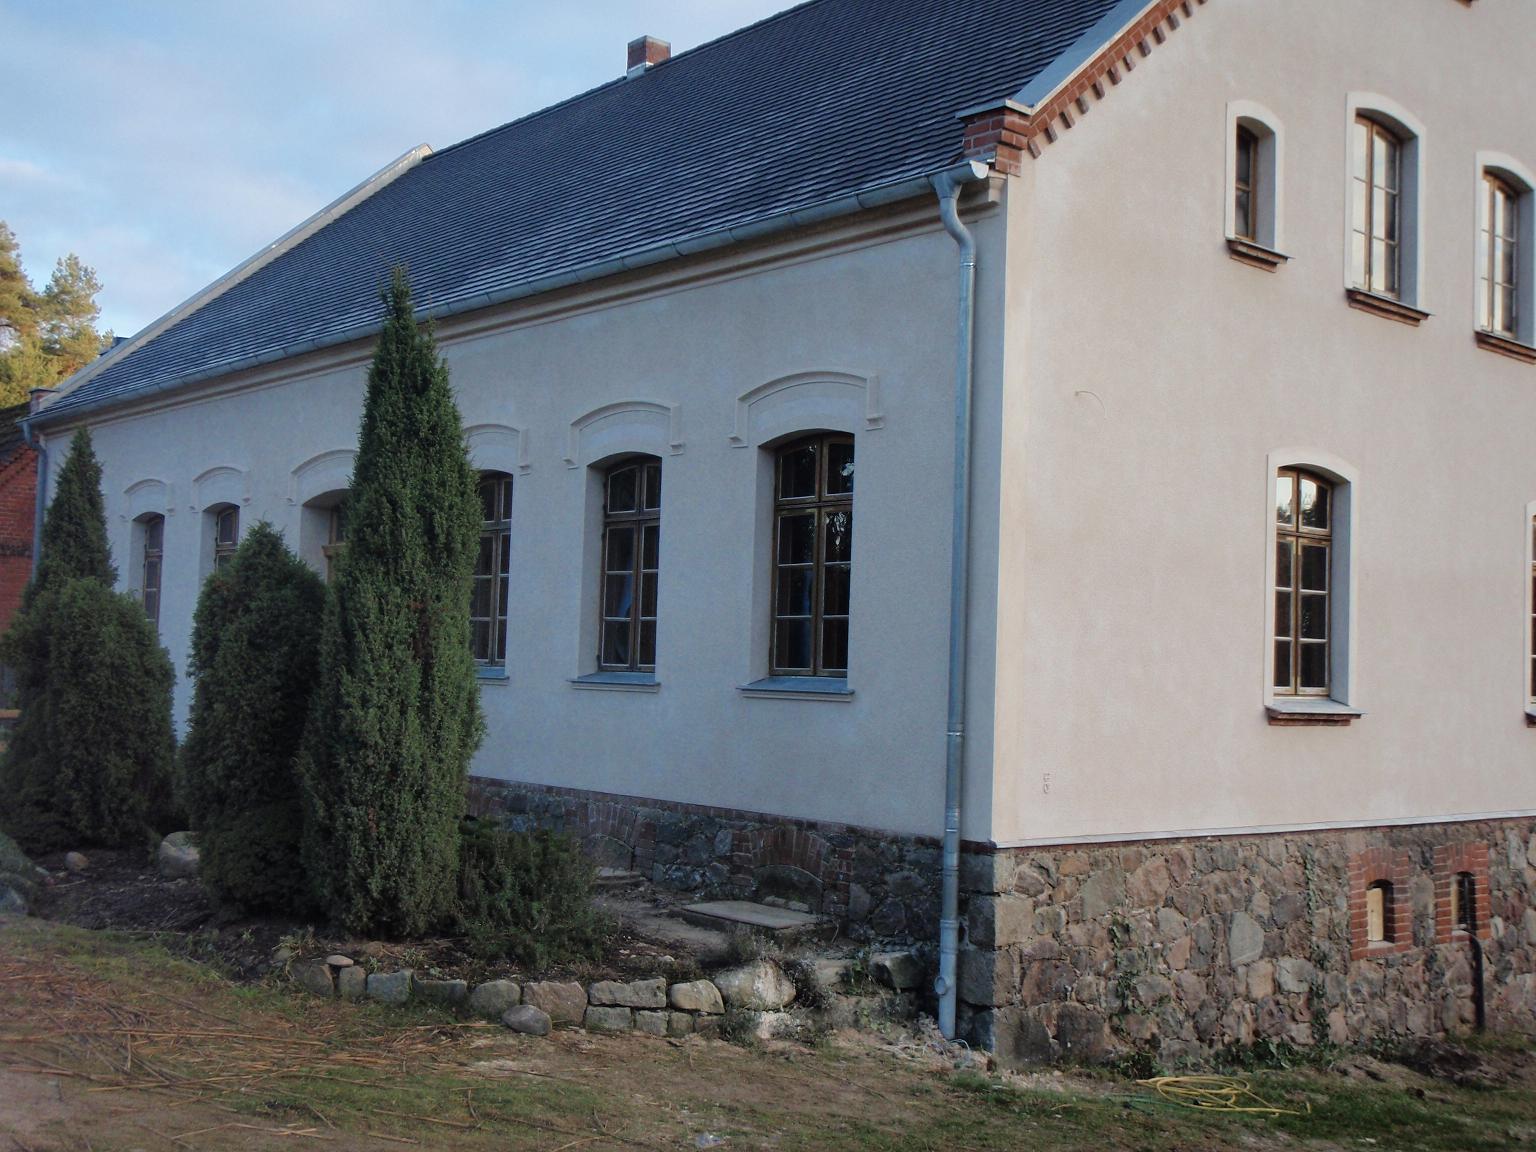 Alte fassade neu verputzen great alte fassade sanieren neue fassade verputzt with alte fassade - Feuchte wande sanieren ...